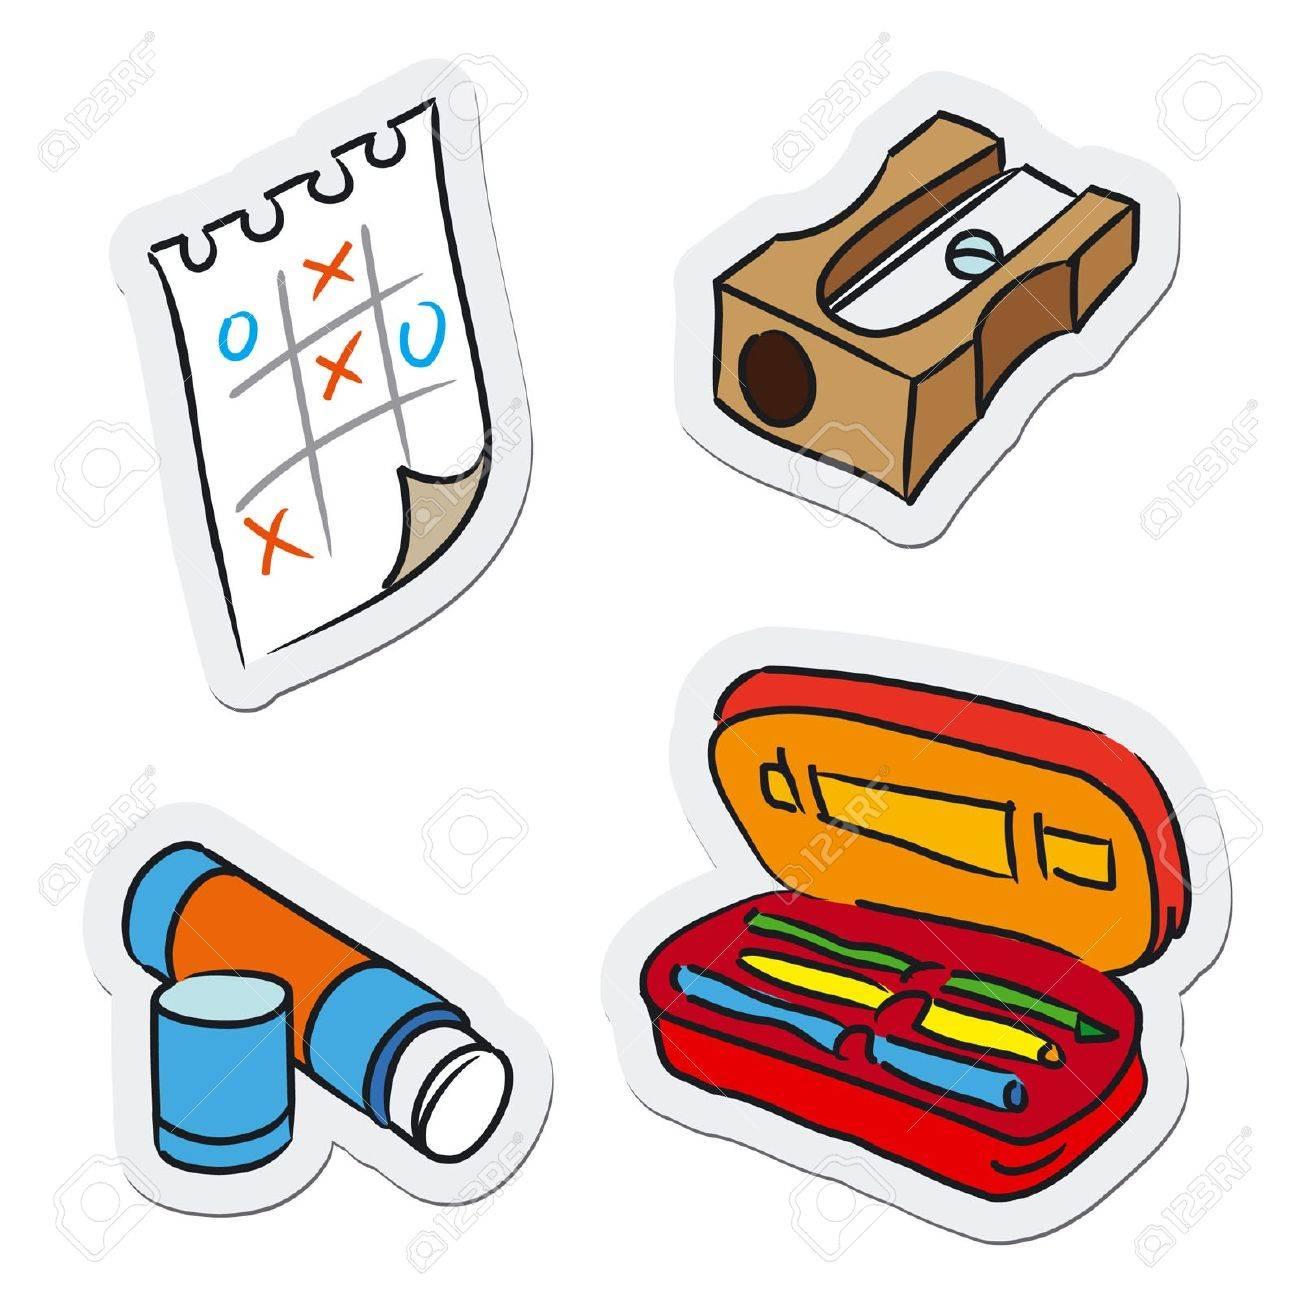 oggetti scuola ed educazione illustrazione vettoriale clipart  - oggetti scuola ed educazione illustrazione vettoriale archivio fotografico